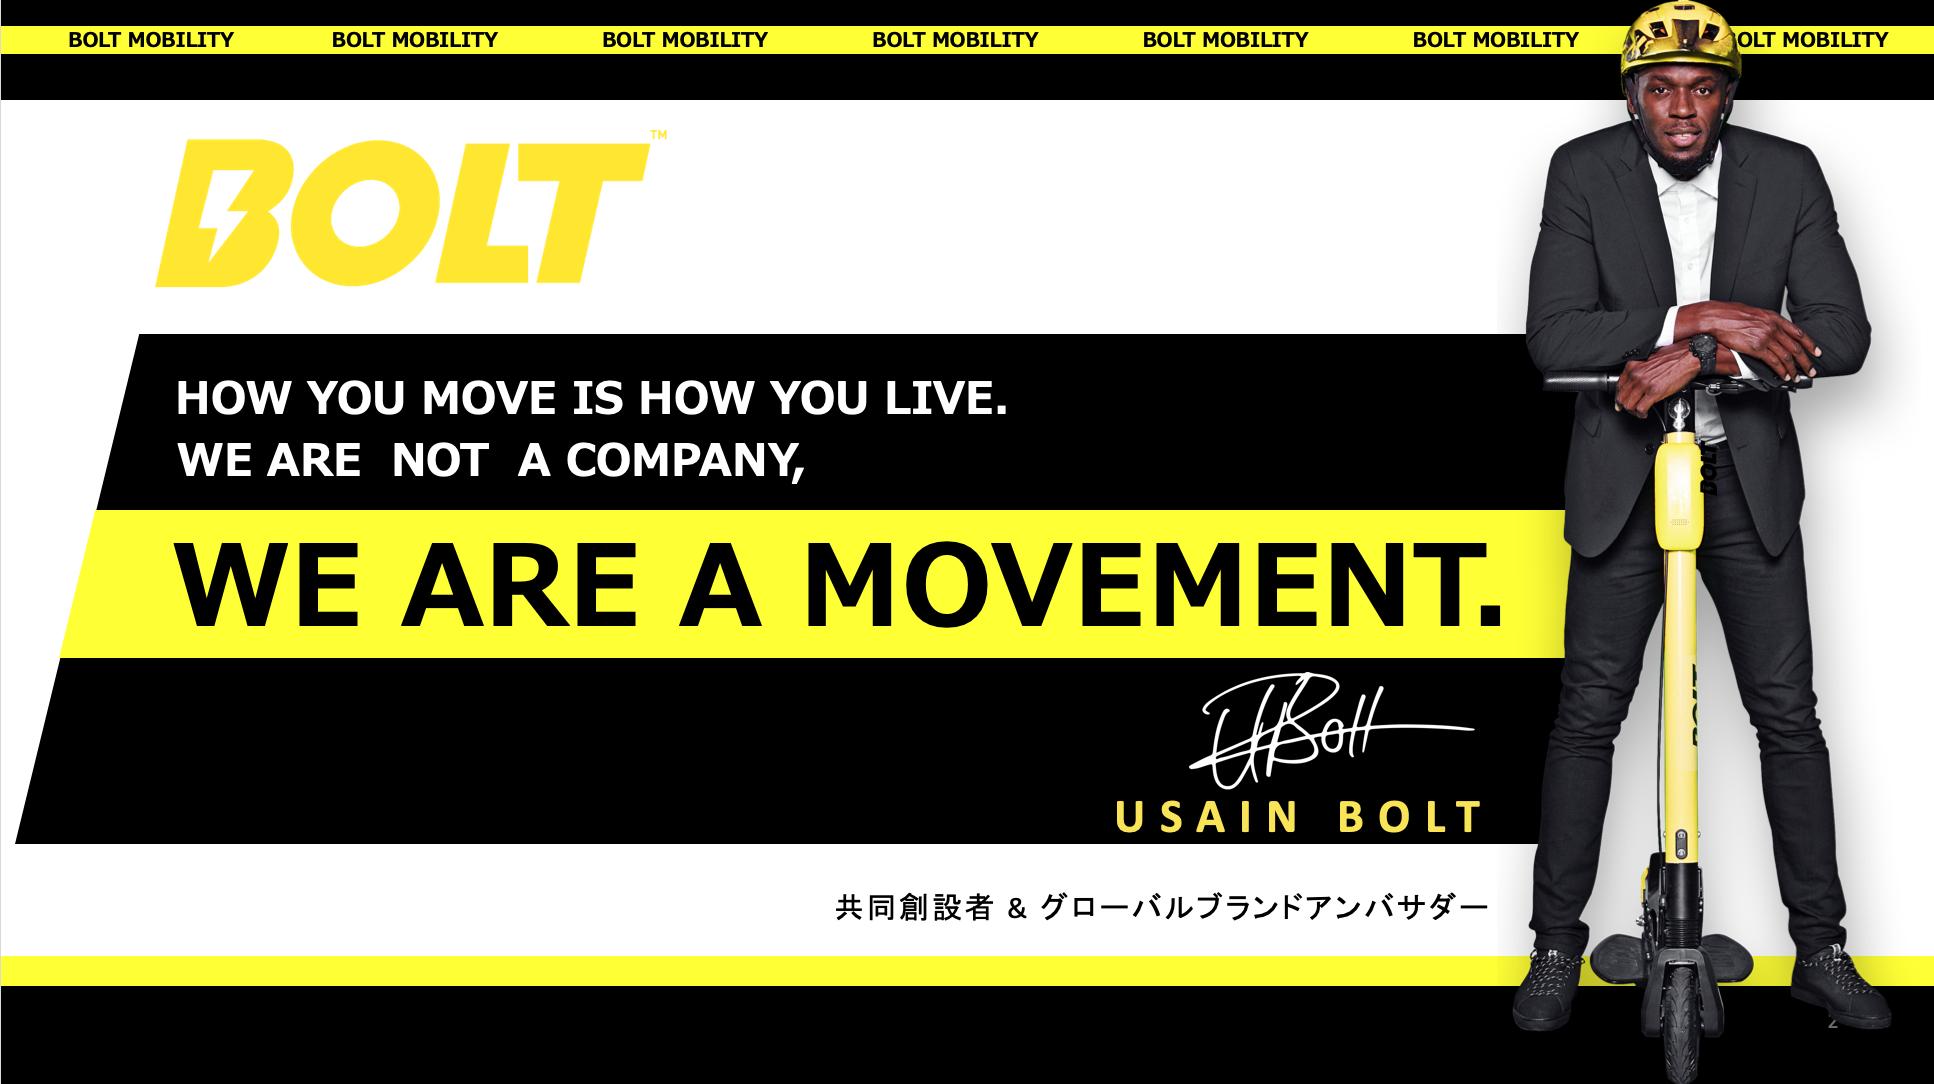 インダストリー4.0、エコシステム… BOLT Mobilityが描く、次世代モビリティ構想